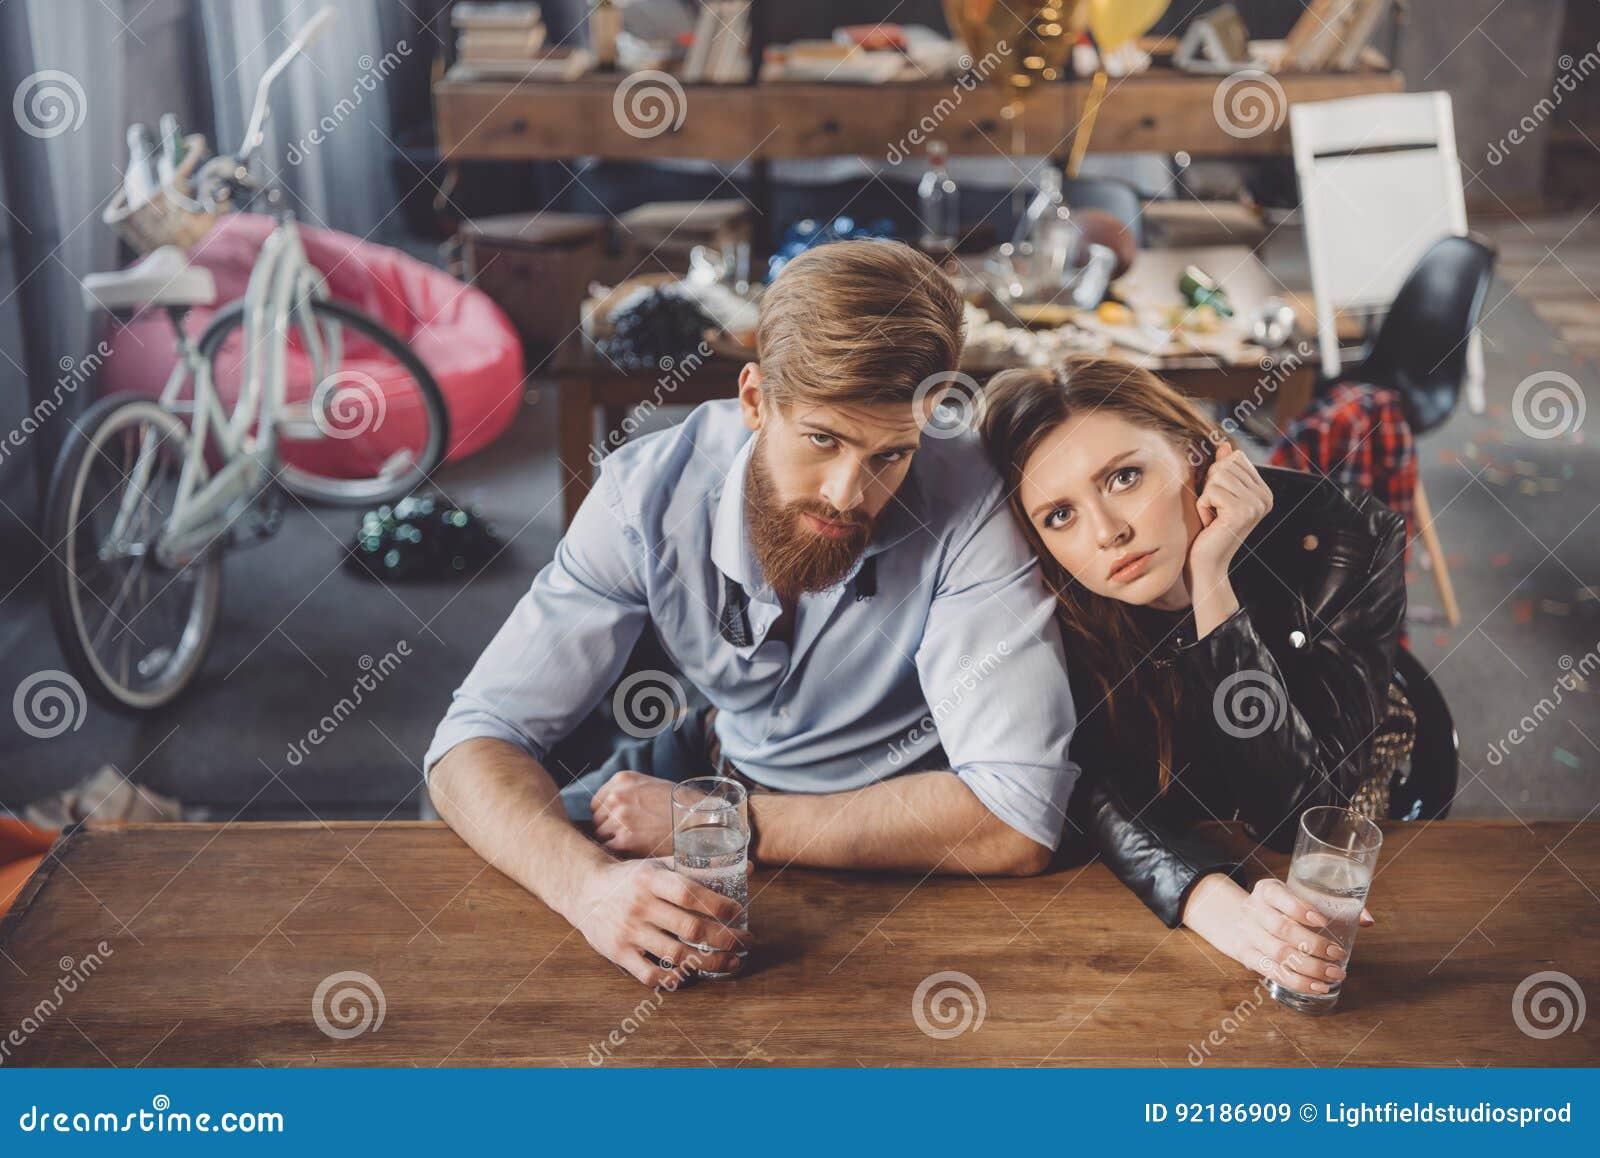 Man och kvinna med bakrus med mediciner i smutsigt rum